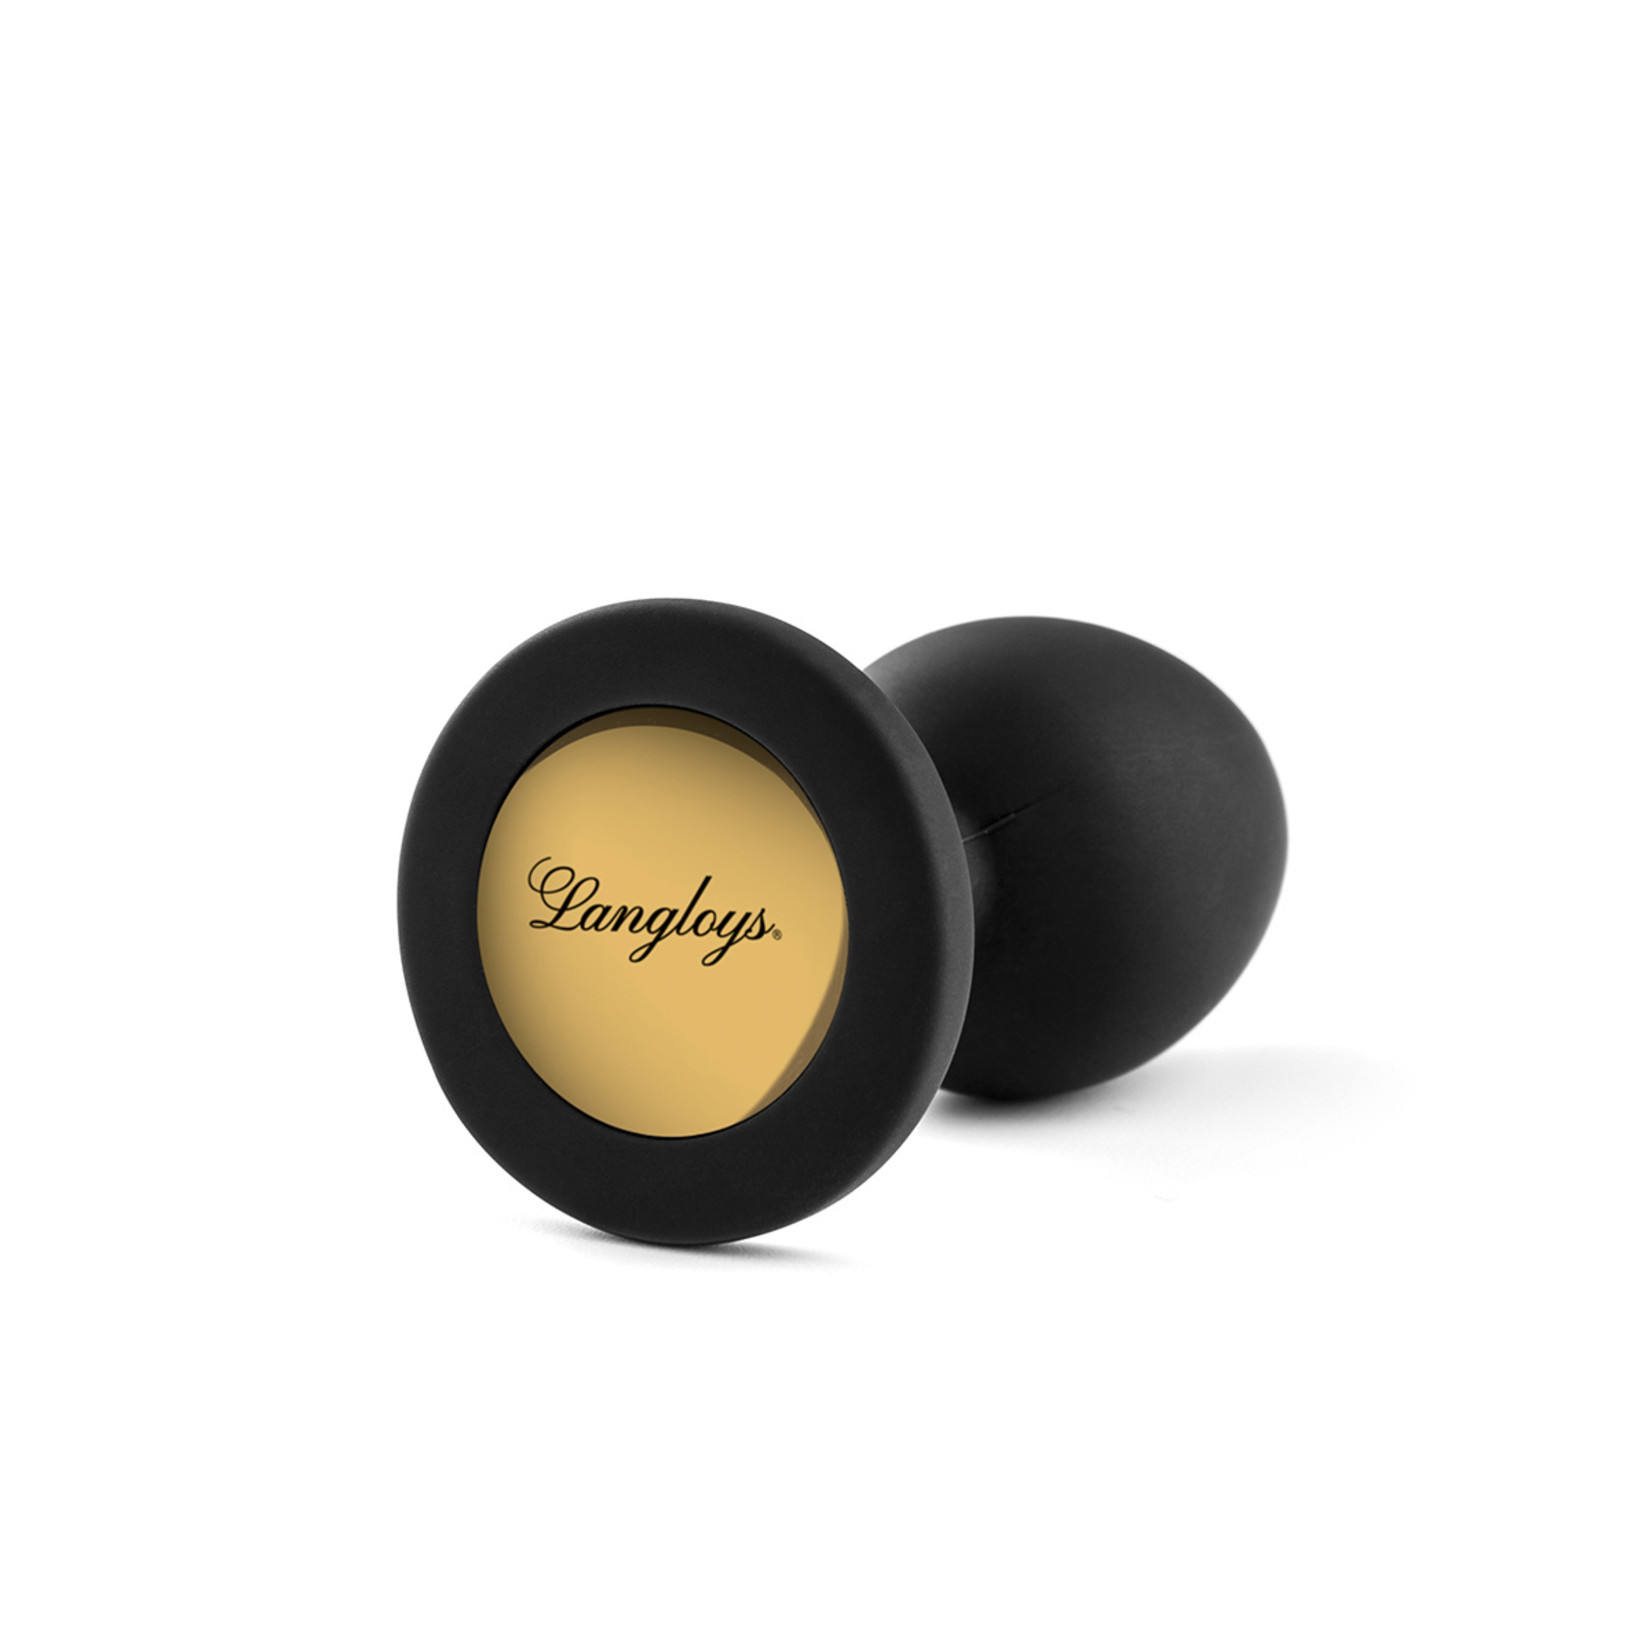 Lang Loys 3 Plugs Set Elegant Black